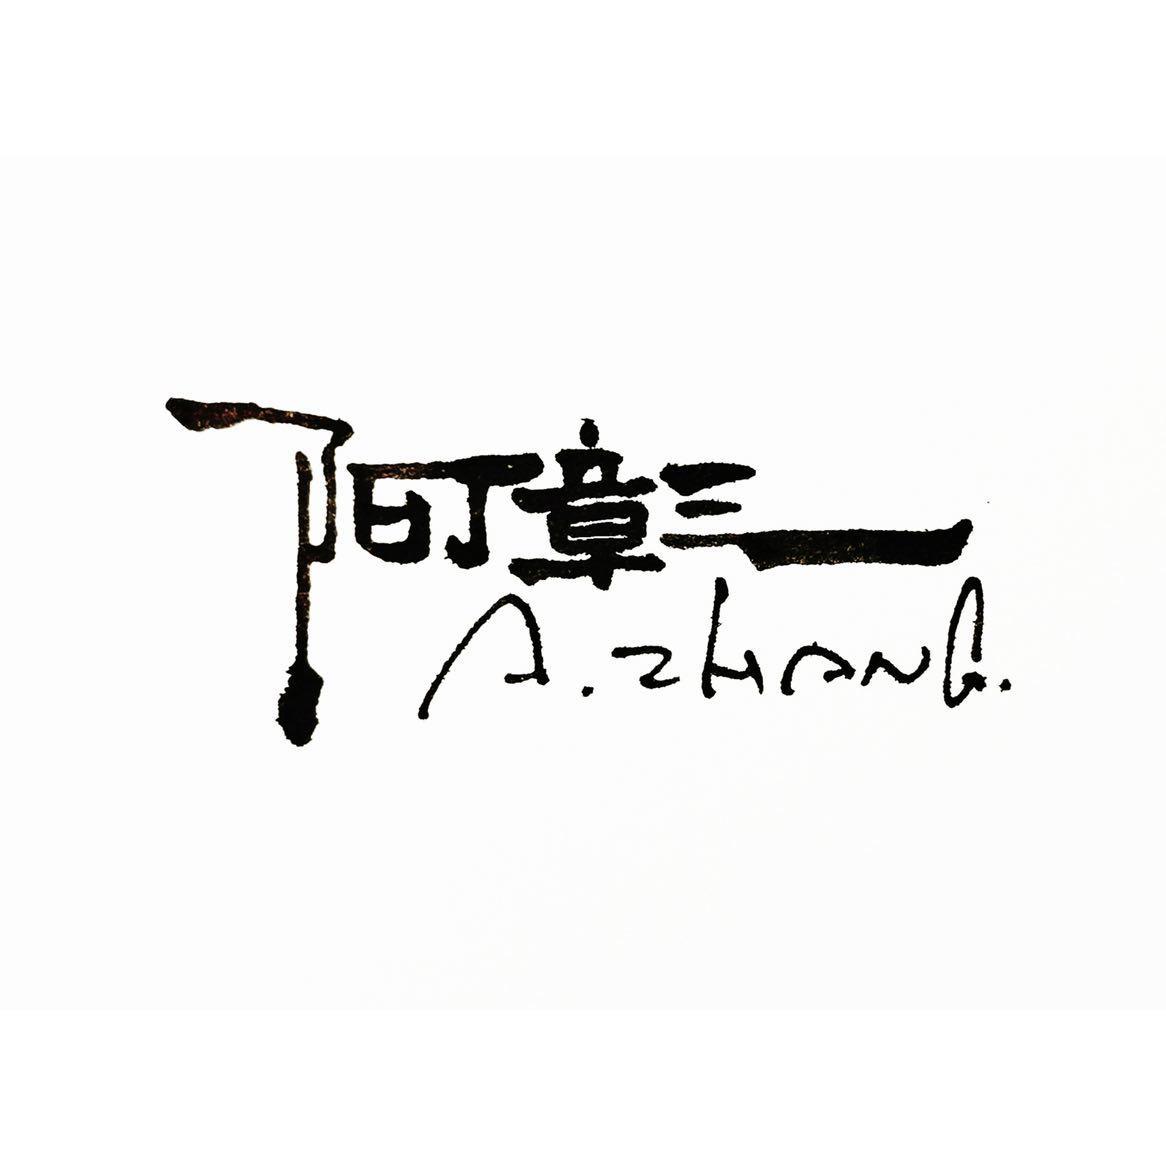 不愿透露姓名的阿彰